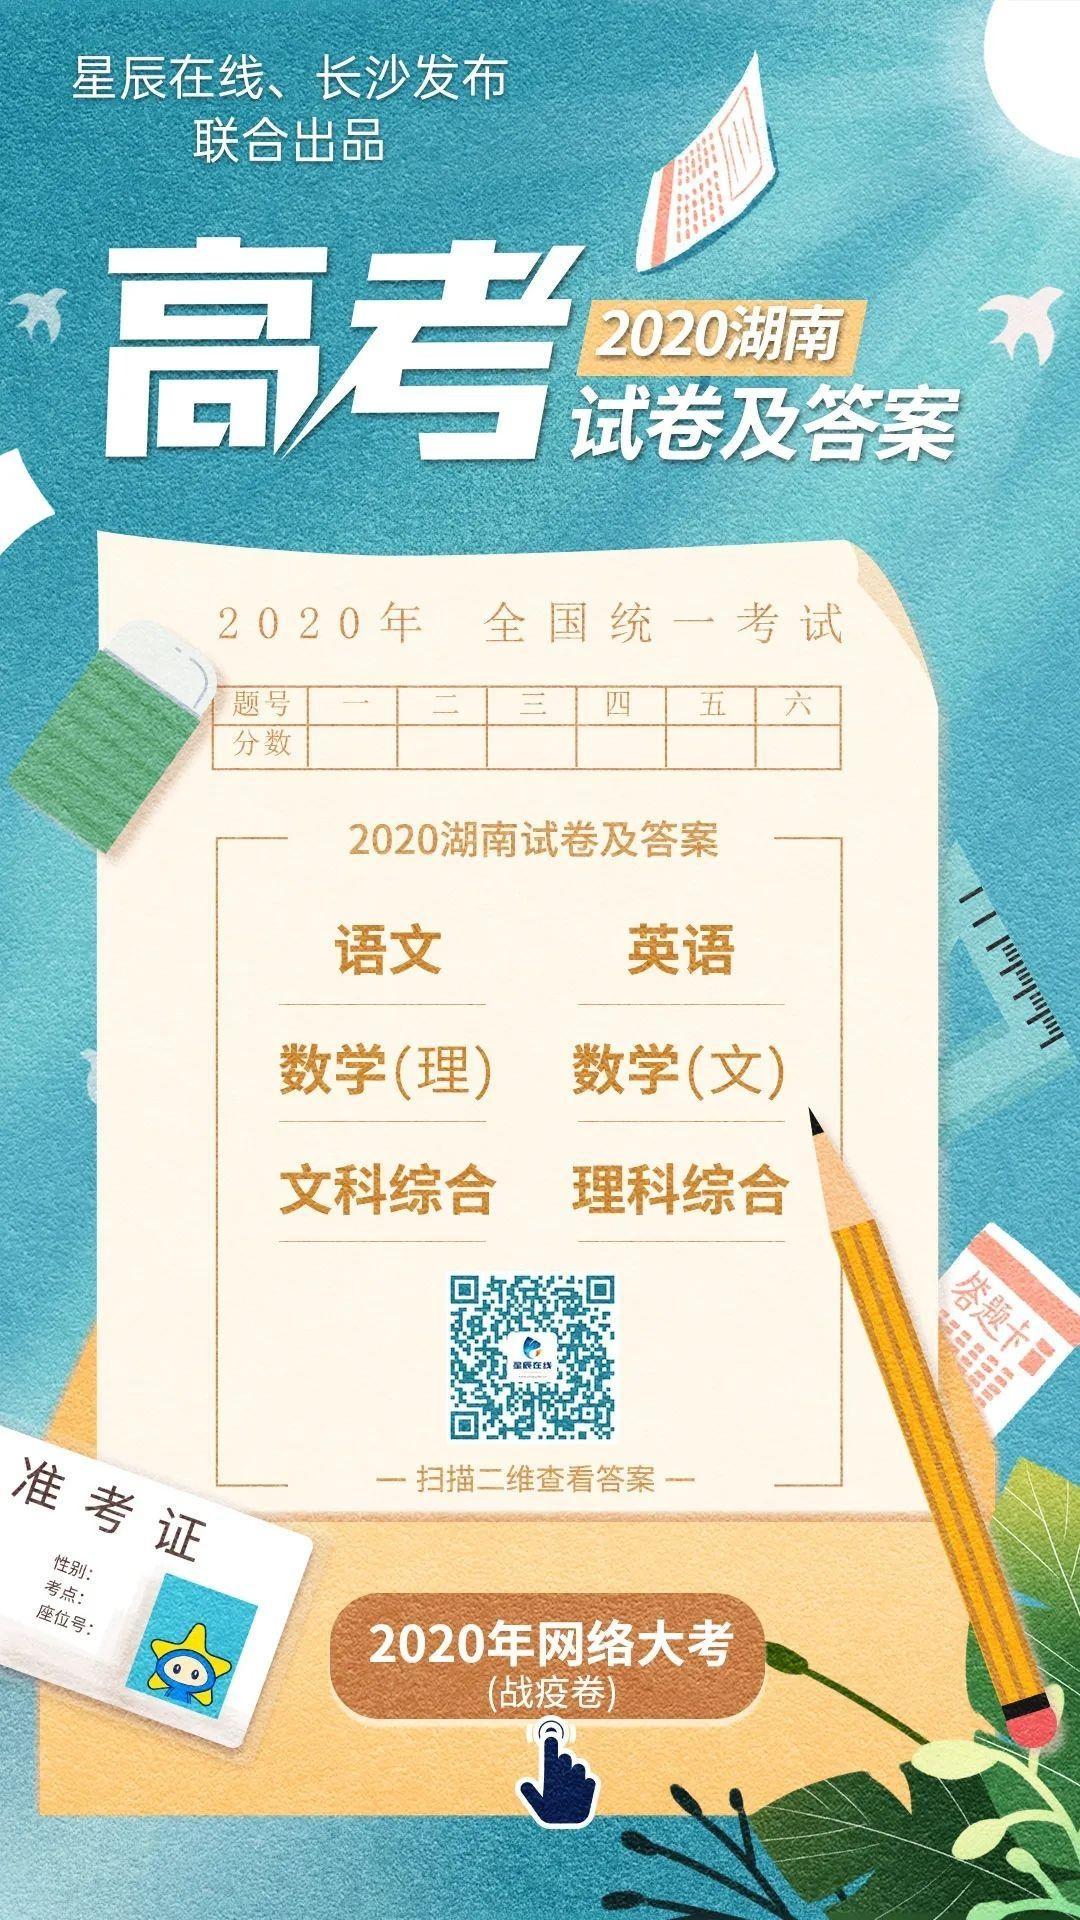 权威发布 | 2020湖南高考试卷及答案(珍藏版)